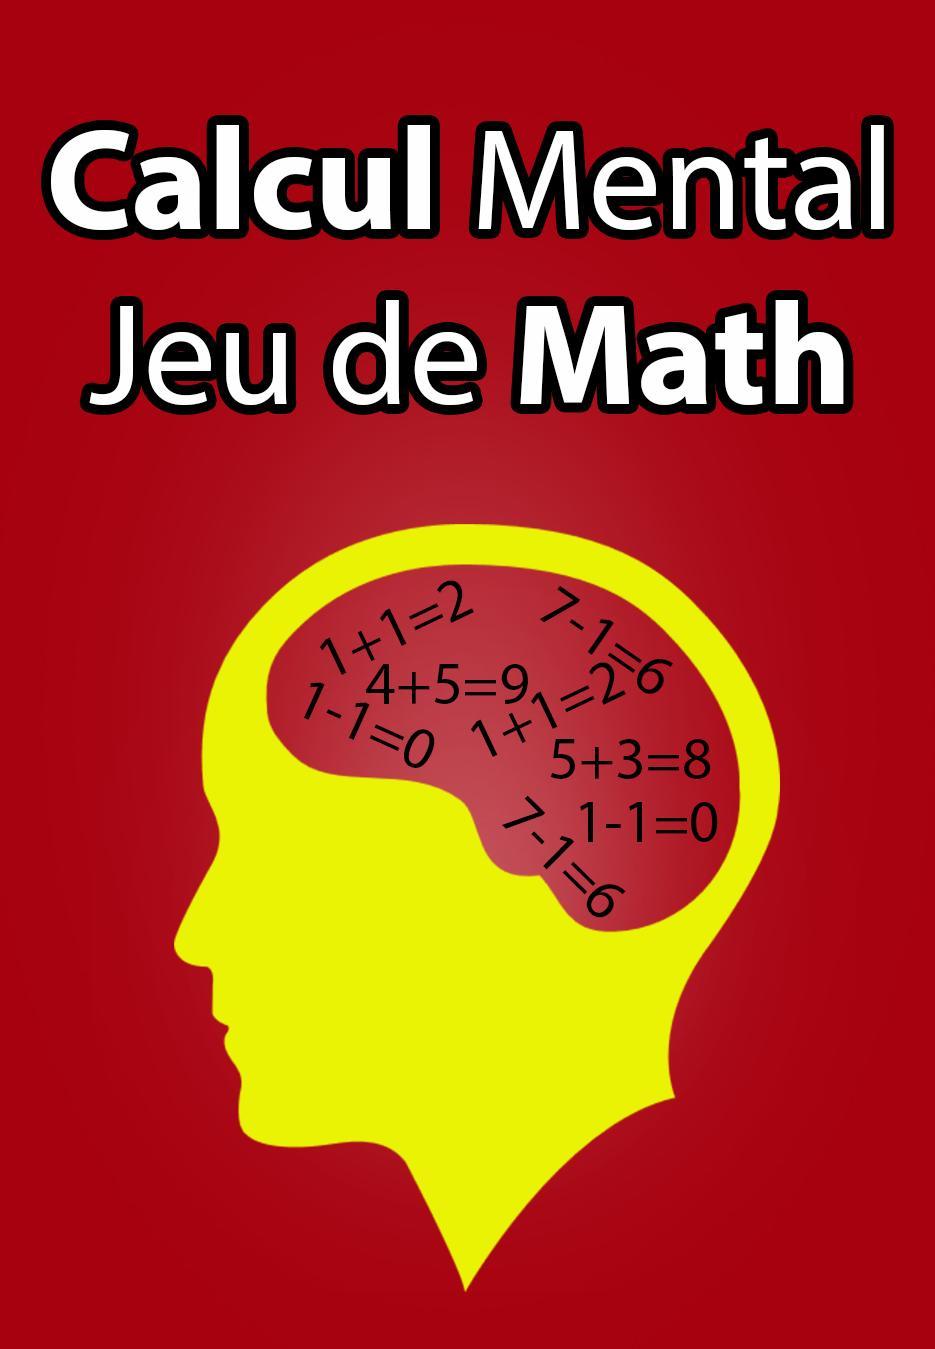 Calcul Mental Jeu De Math For Android - Apk Download encequiconcerne Jeux De Maths Gratuit